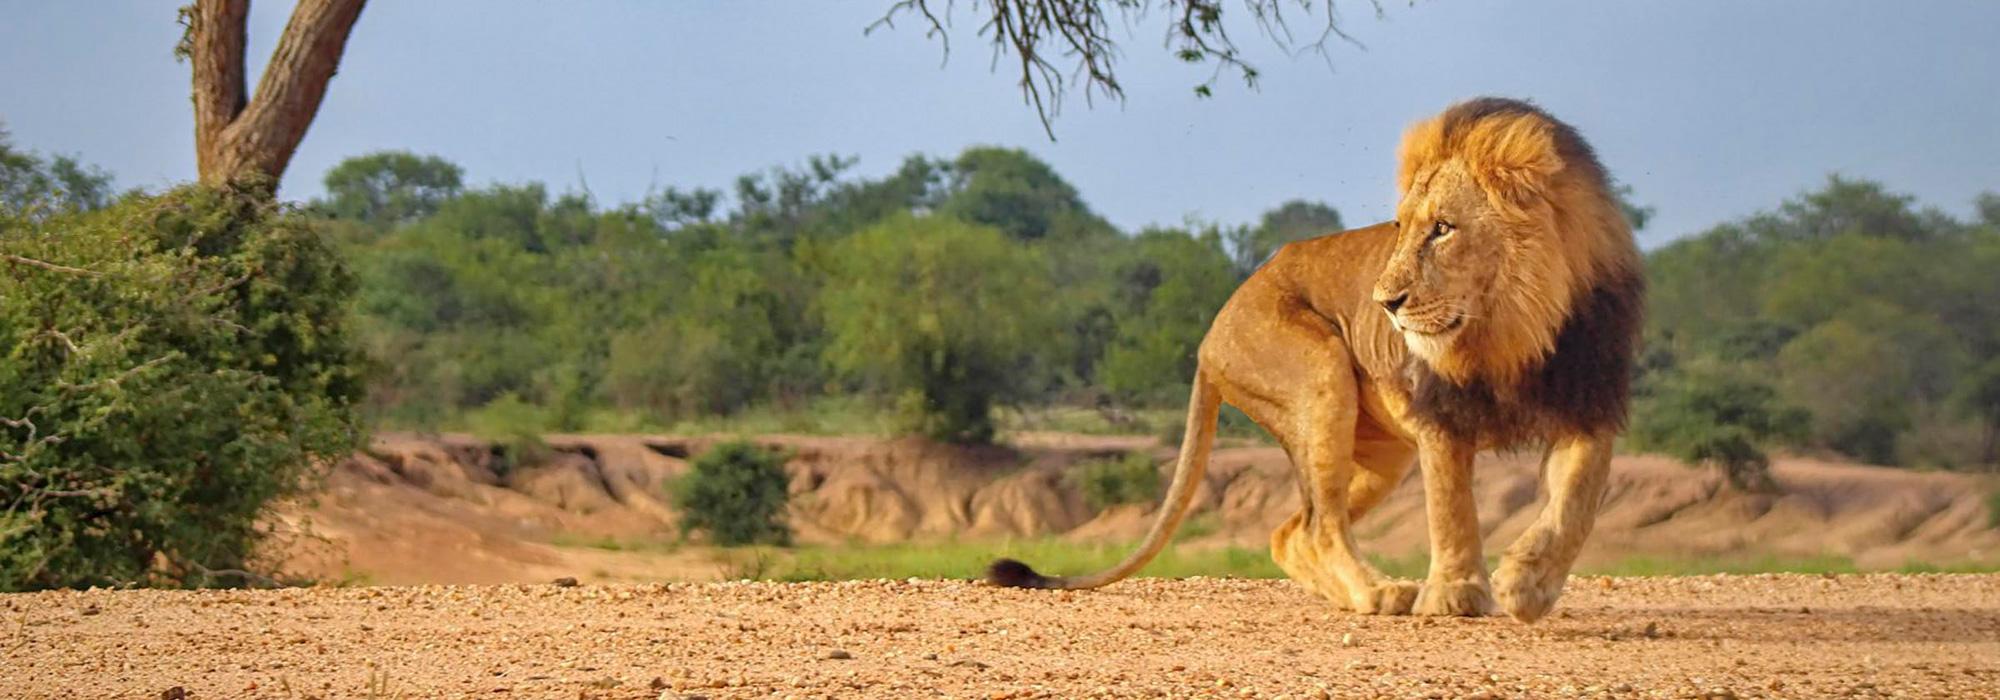 Lion at Kapama